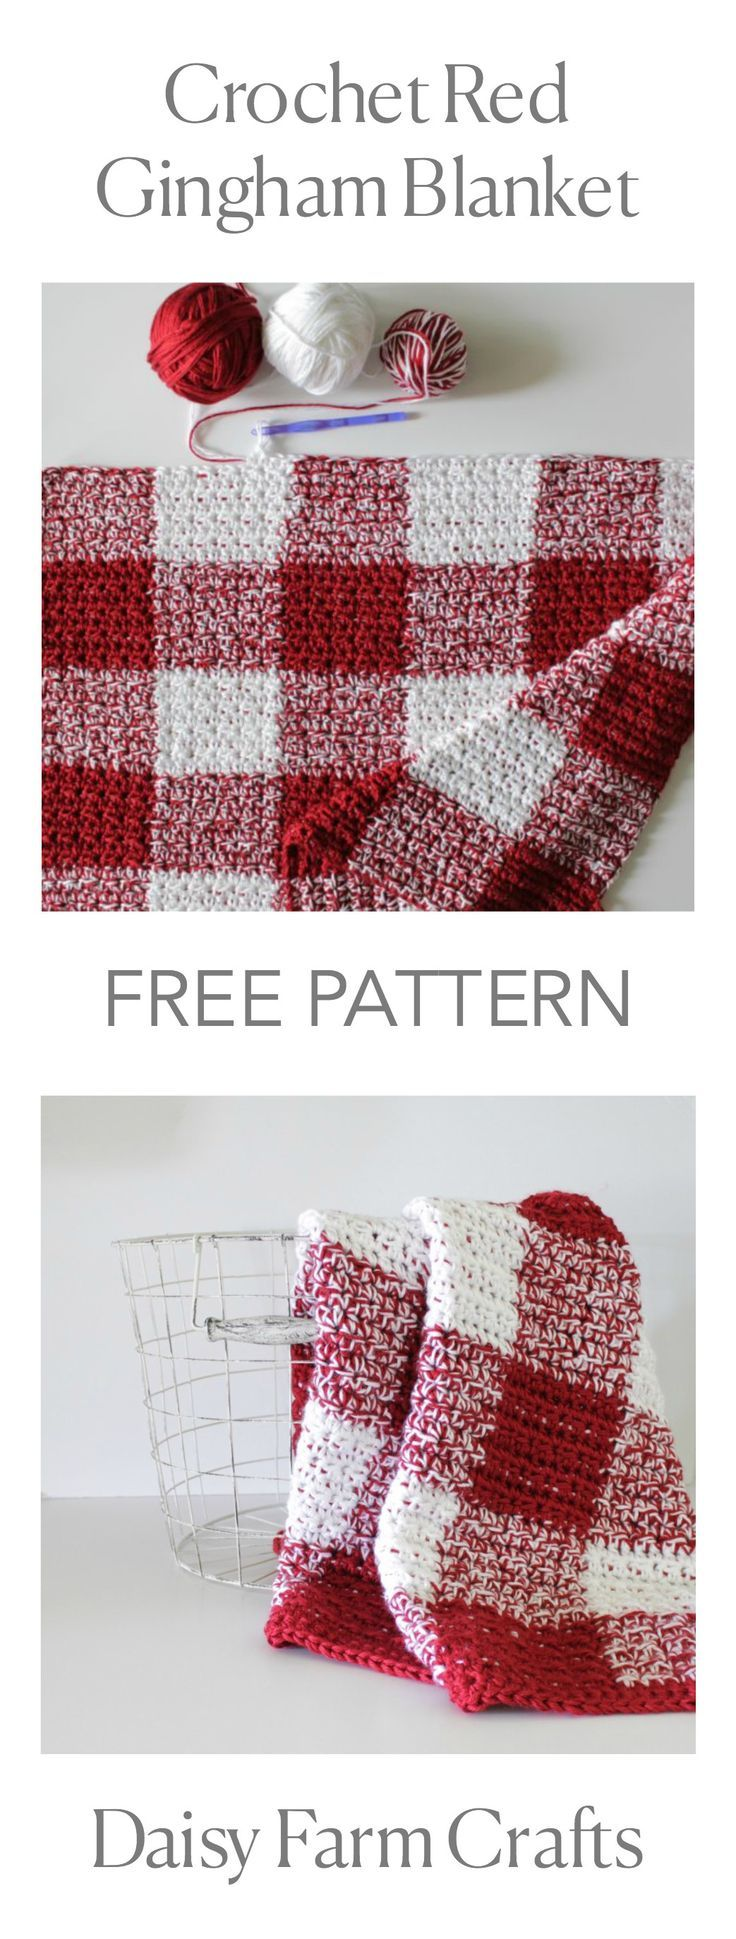 FREE PATTERN - Crochet Red Gingham Blanket | Crochet | Pinterest ...